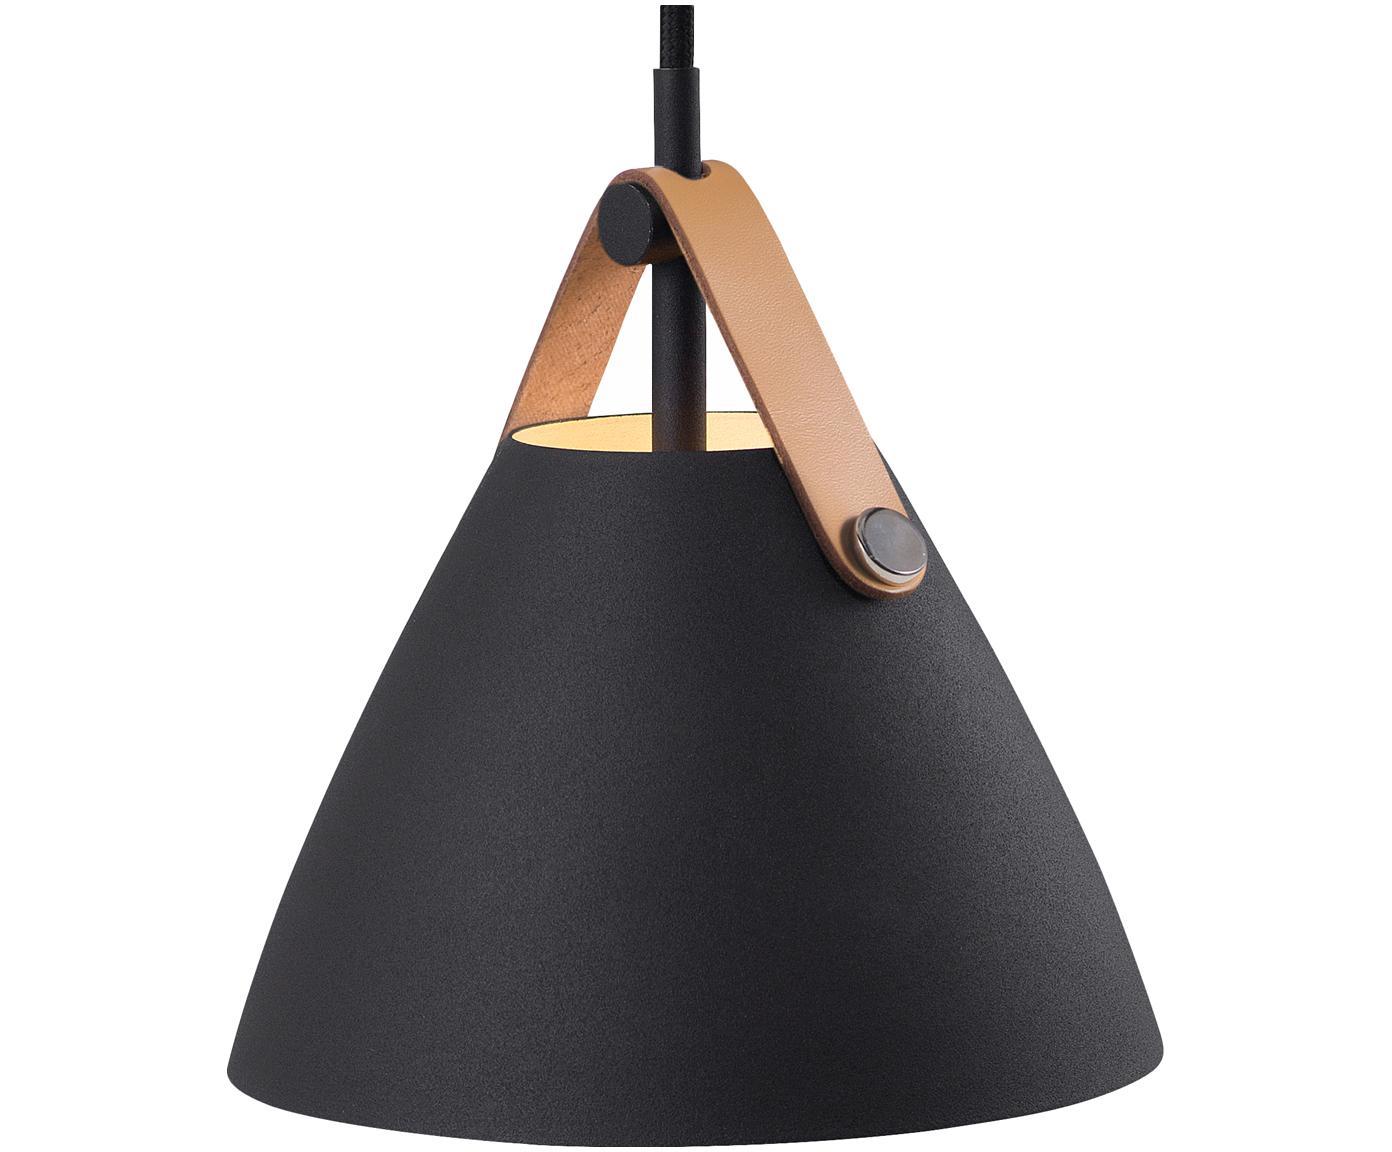 Mała lampa wisząca ze skórzanym paskiem Strap, Czarny, Ø 16 x 17 cm